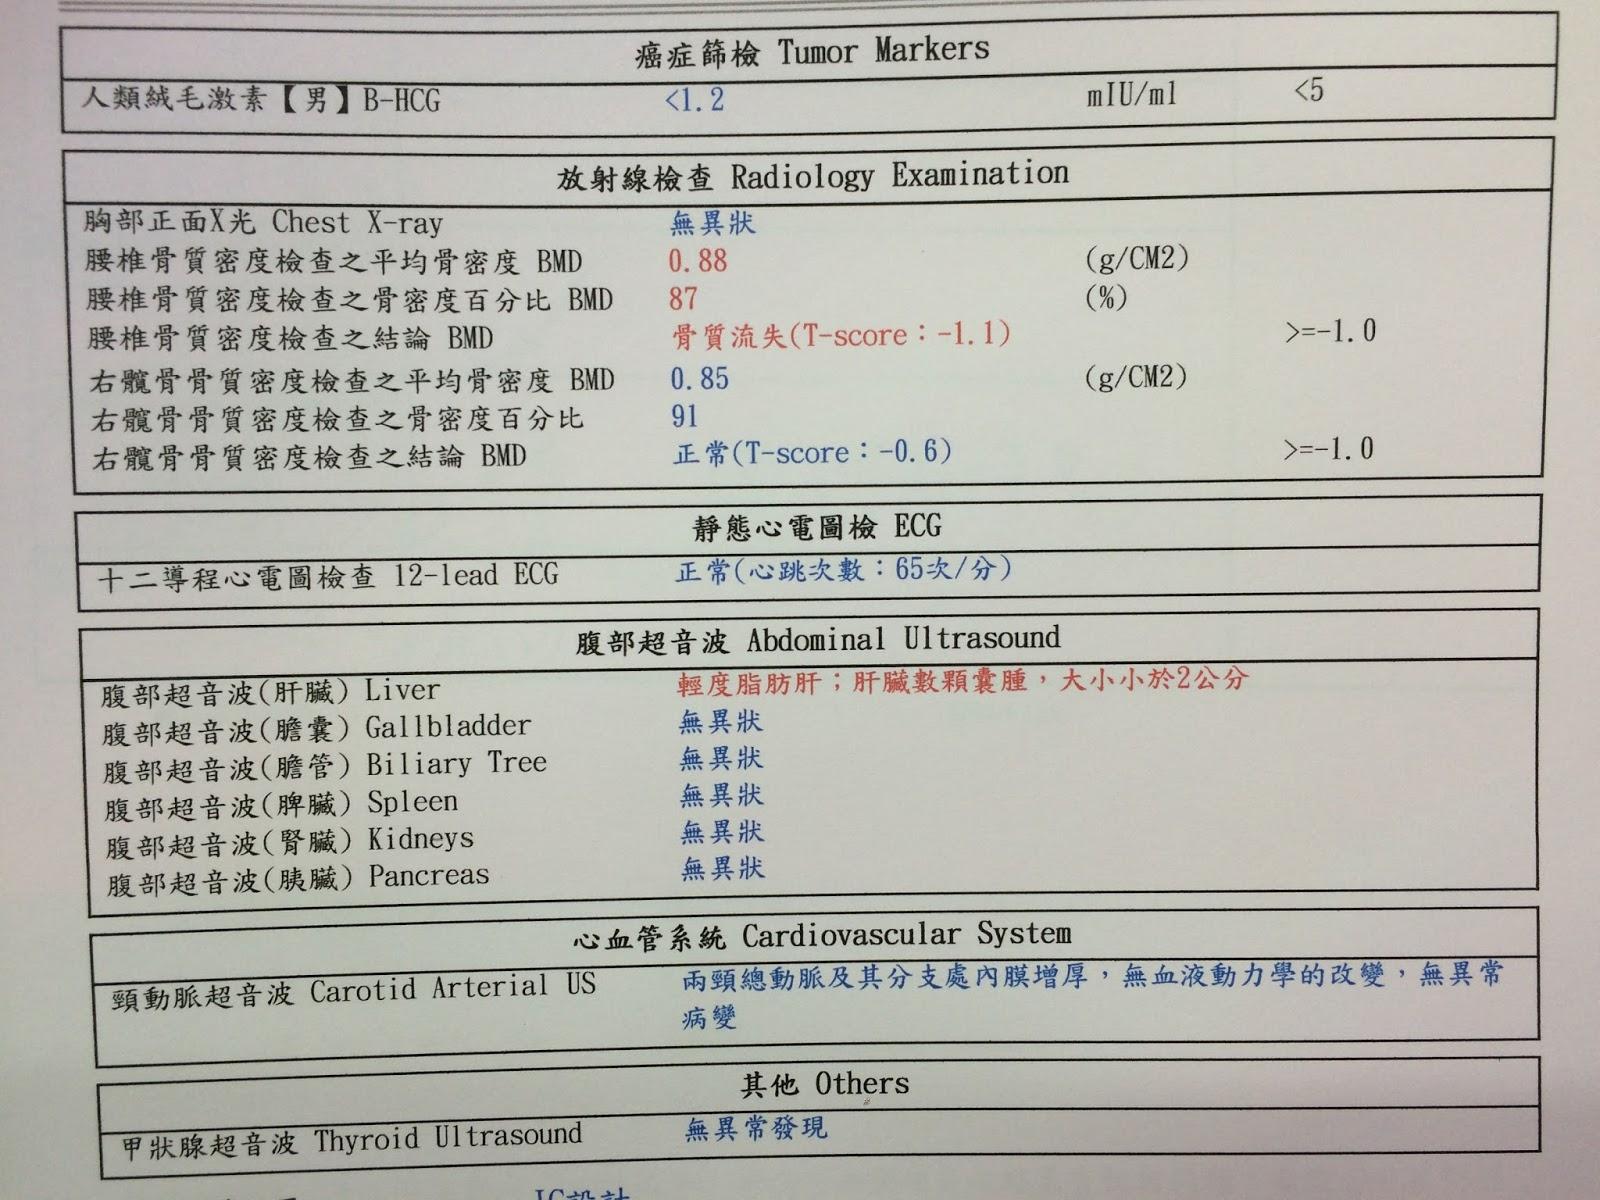 如何看懂一般健康檢查報告 - 東元健康報導